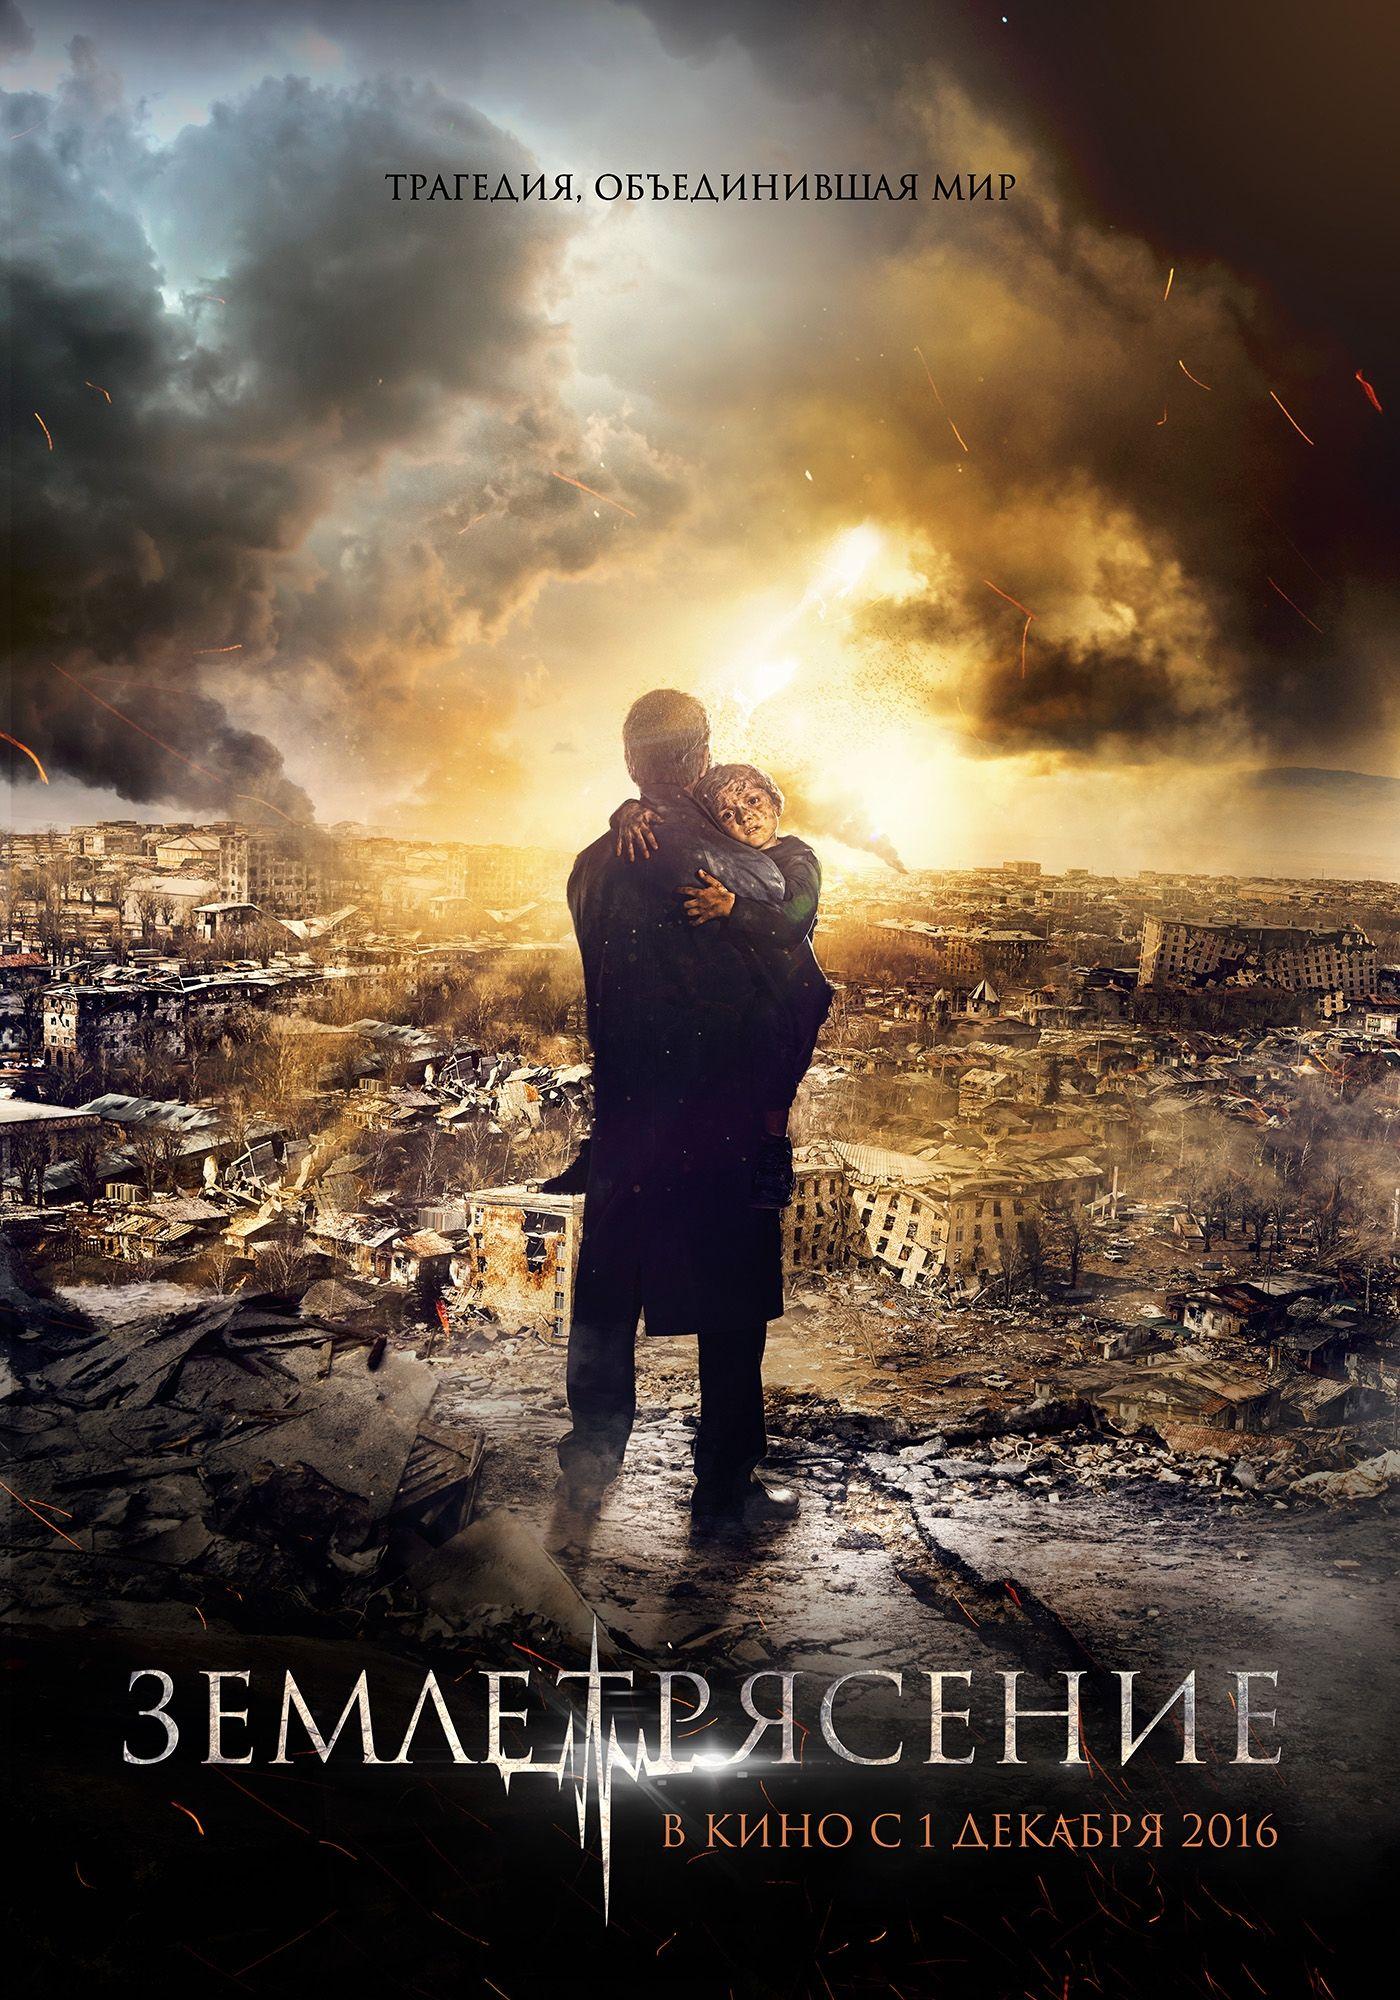 Фильм Землетрясение 2016 смотреть онлайн бесплатно в